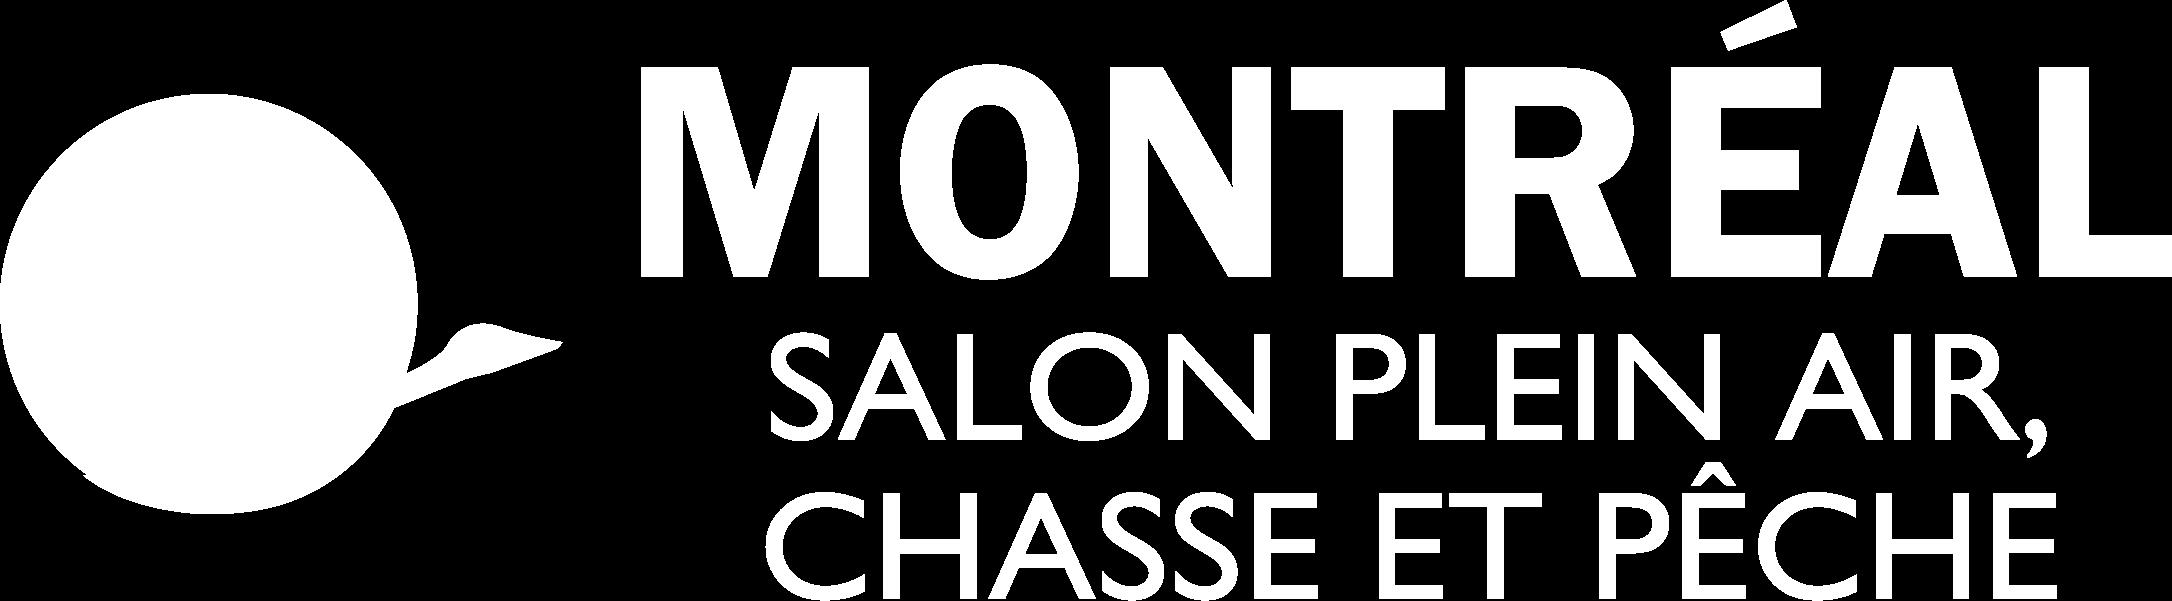 Salon Plein Air, Chasse et Peche de Montreal